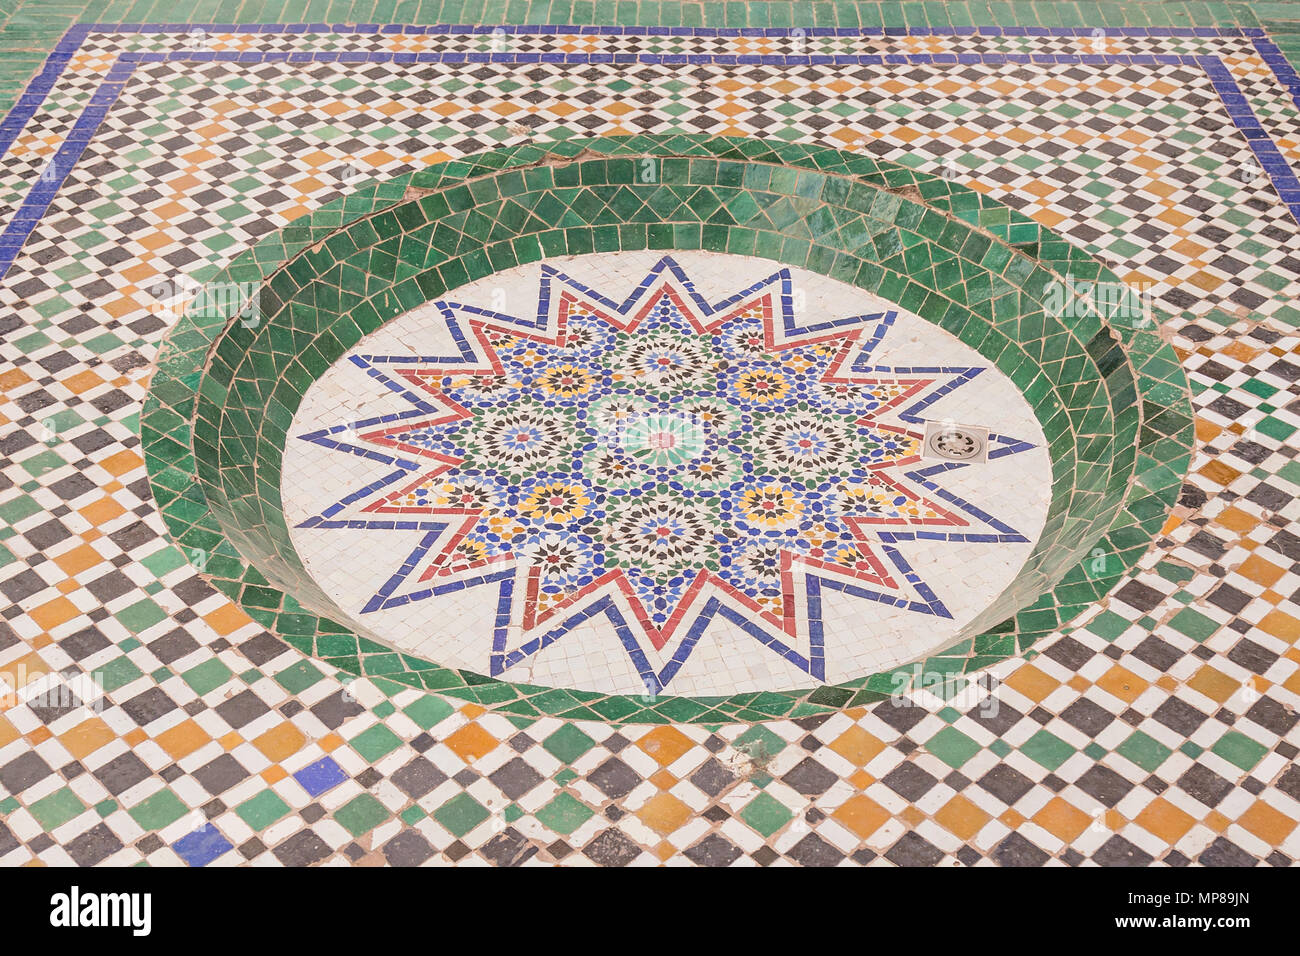 Islamic moroccan tiles immagini & islamic moroccan tiles fotos stock